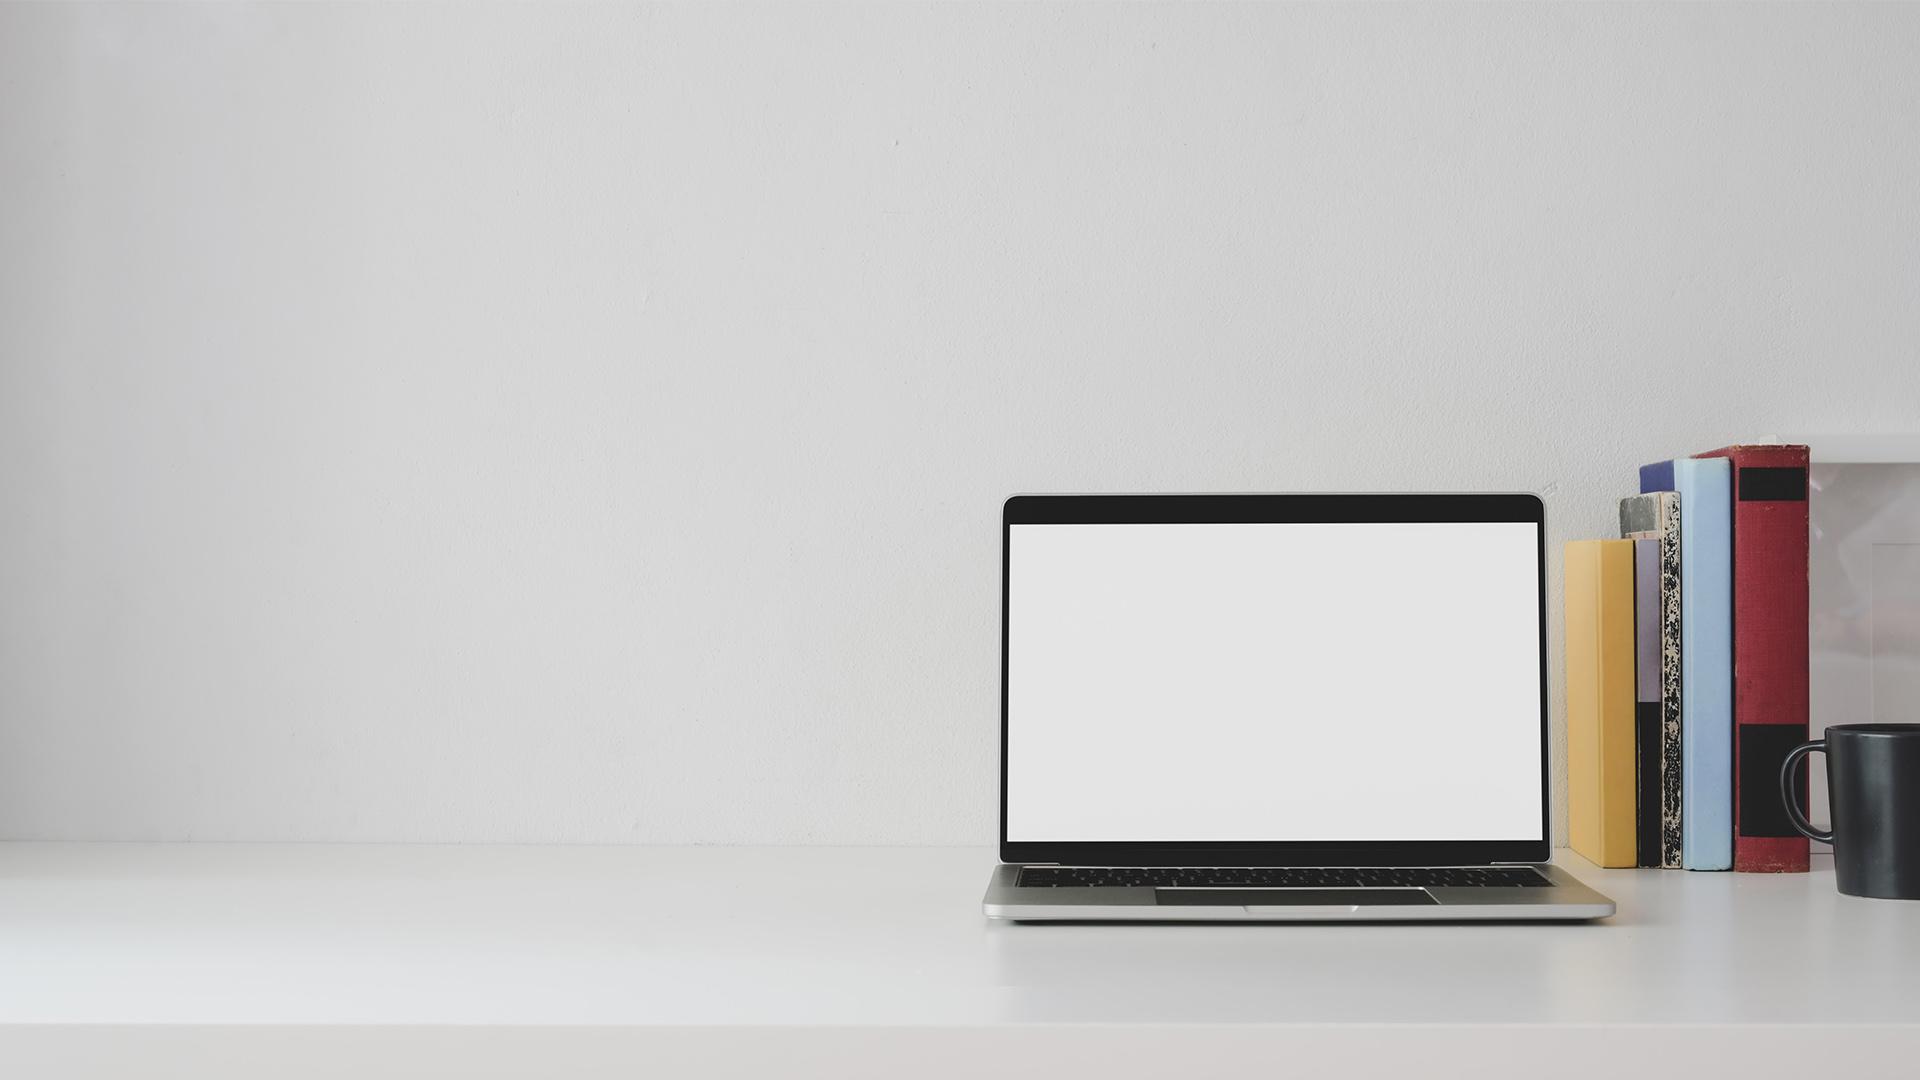 Laptop auf Schreibtisch mit leerem, weißen Bildschirm. Symbolbild für Corporate Identity.